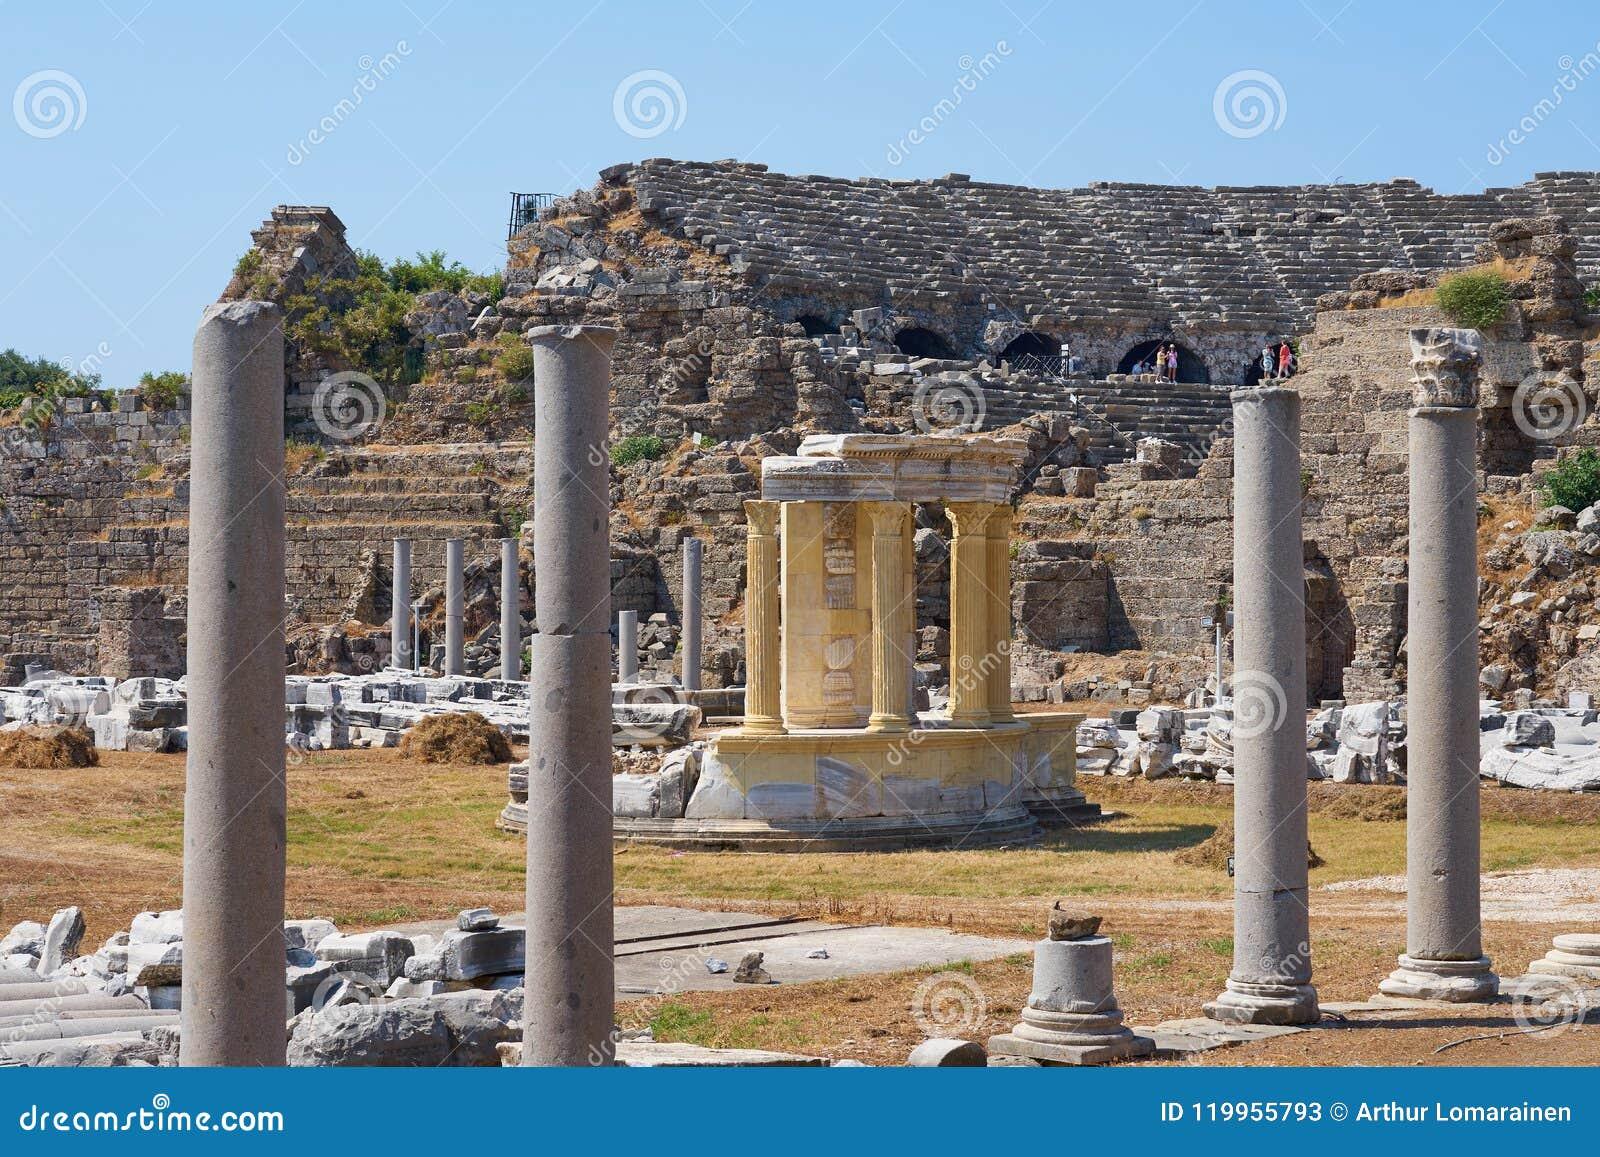 Colunas antigas com parte do anfiteatro no lado da cidade antiga, Turquia